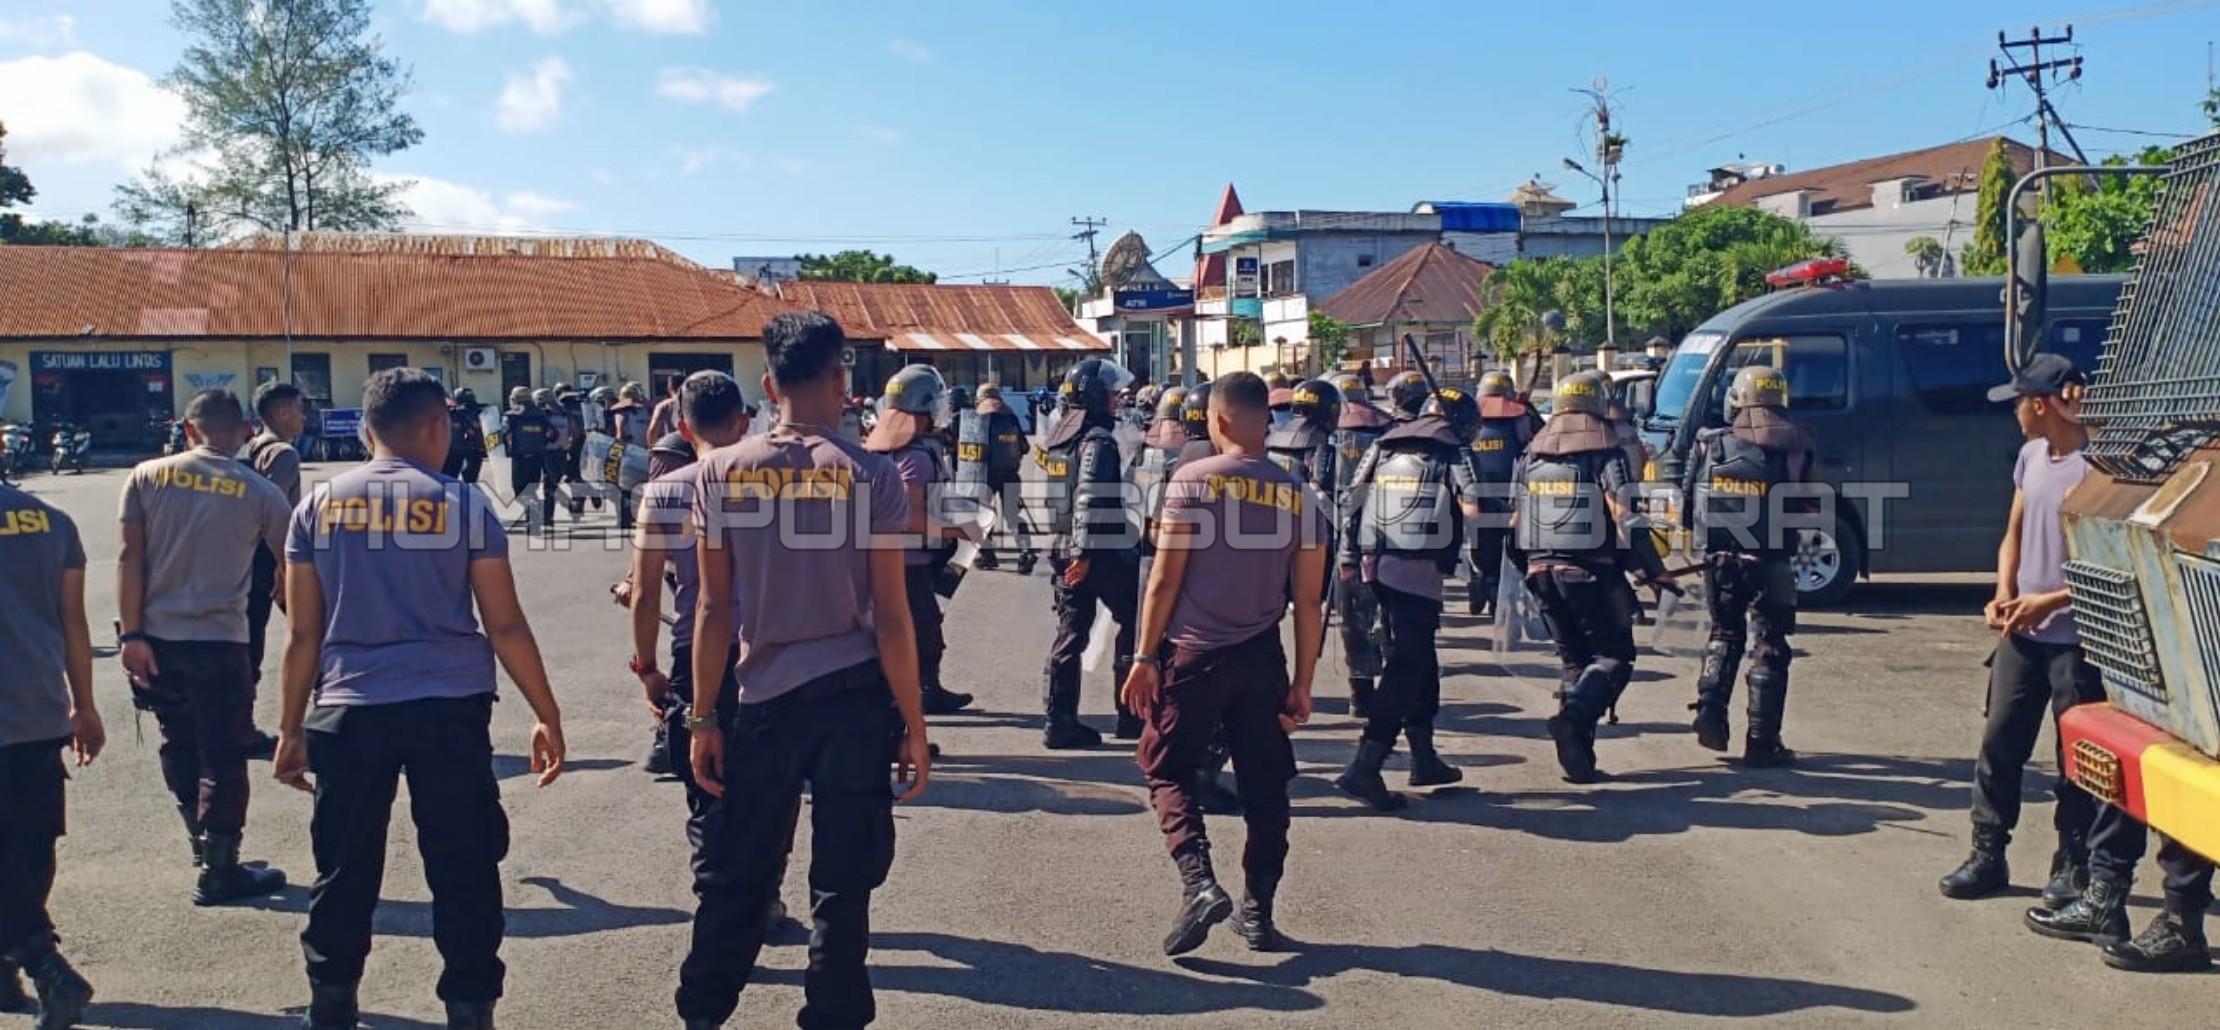 Menjadi Bagian BKO Polda Metro Jaya, Angkatan 41 & 42 Polres Sumba Barat Terus Berlatih